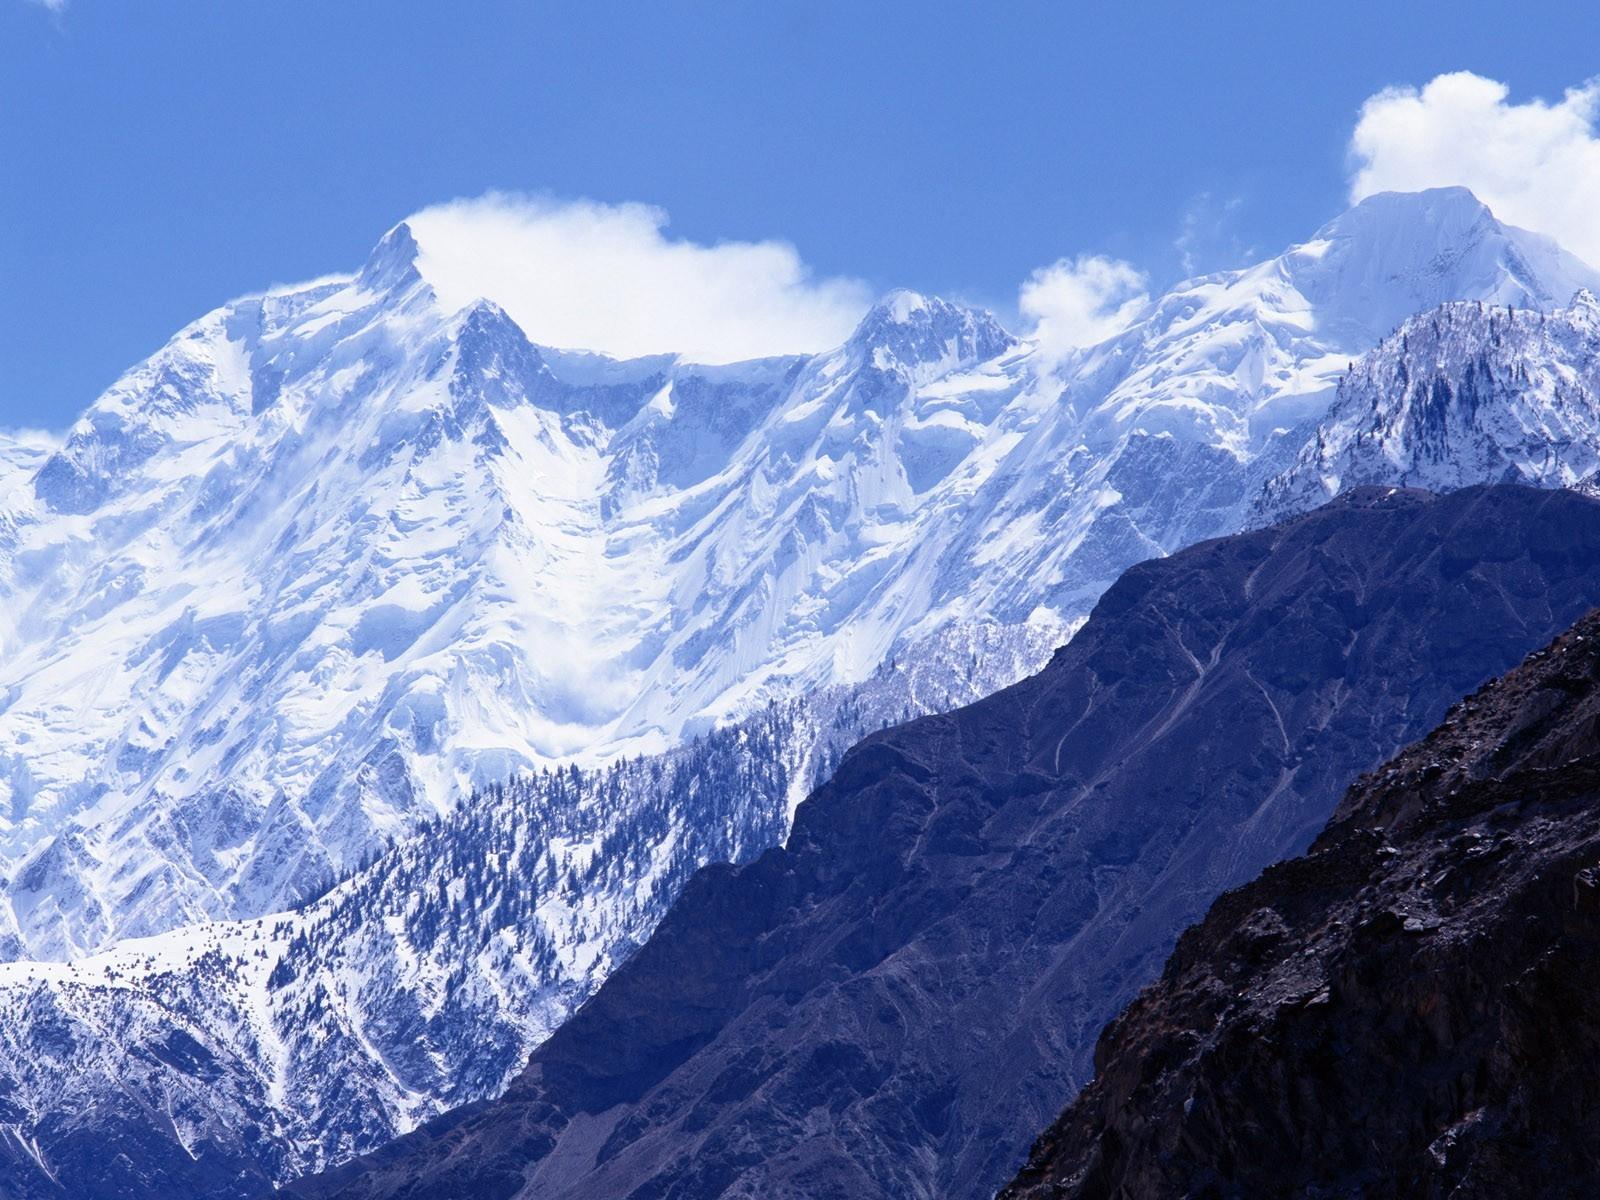 Sfondi Montagne Cielo Ombra La Neve Parete Nuvole Passo Di